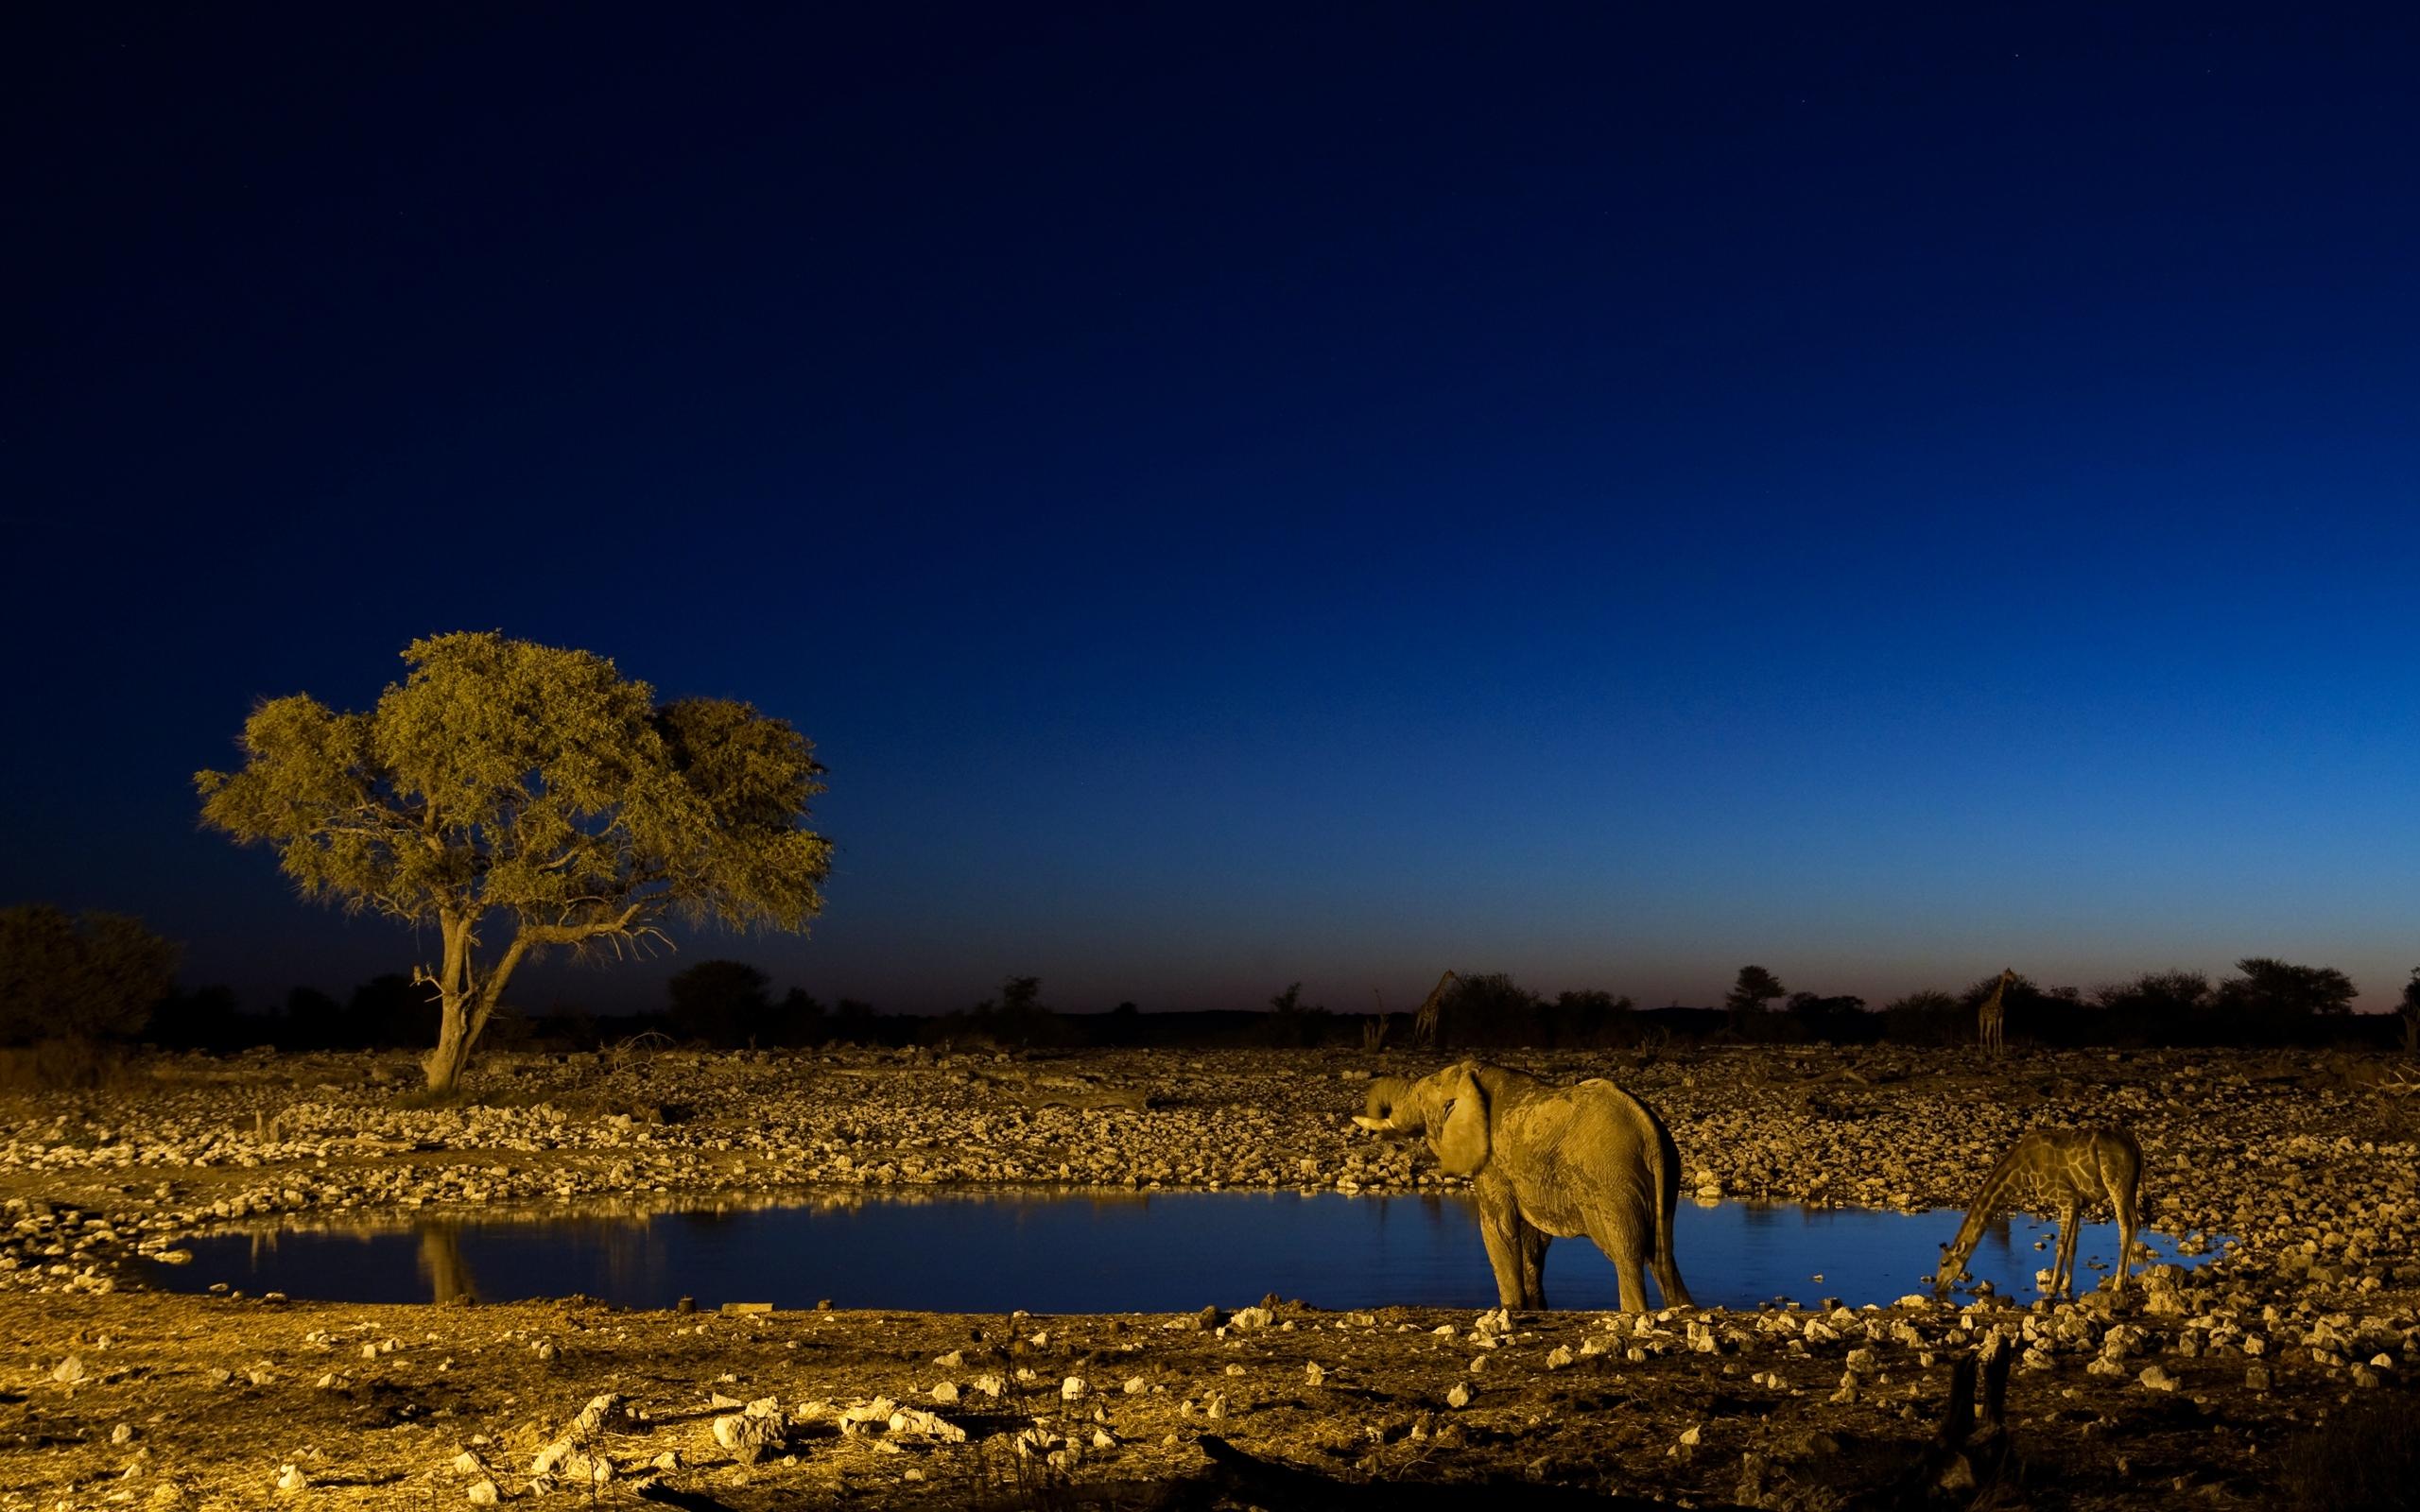 замужество руслановой африка ночью фото платье, связанное